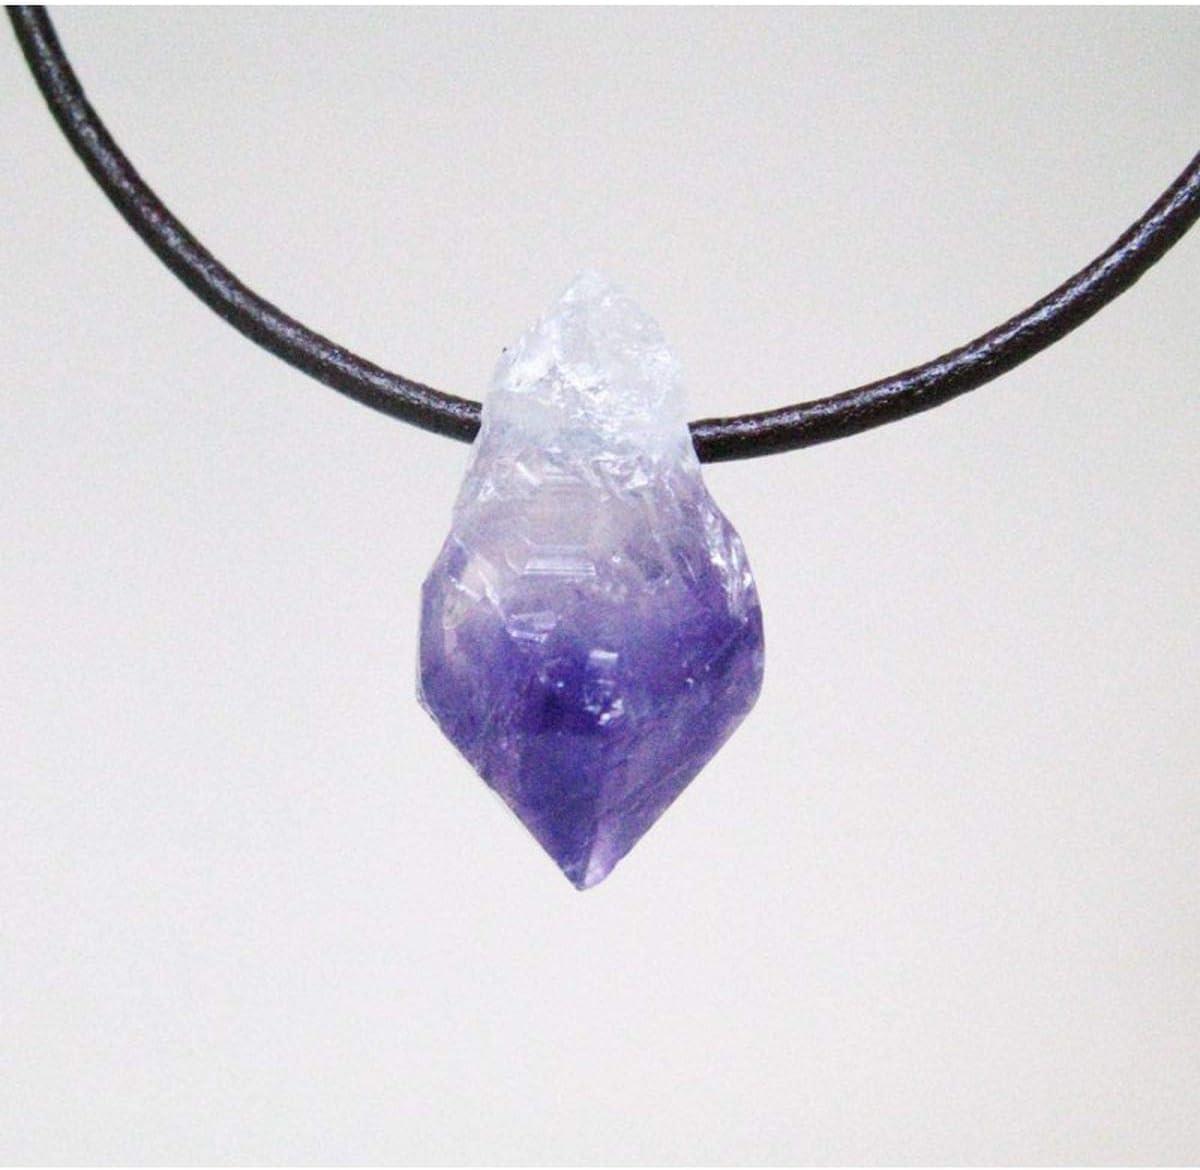 Colgante Punta de Amatista en Bruto con Agujero Minerales y Cristales, Belleza energética, Meditacion, Amuletos Espirituales